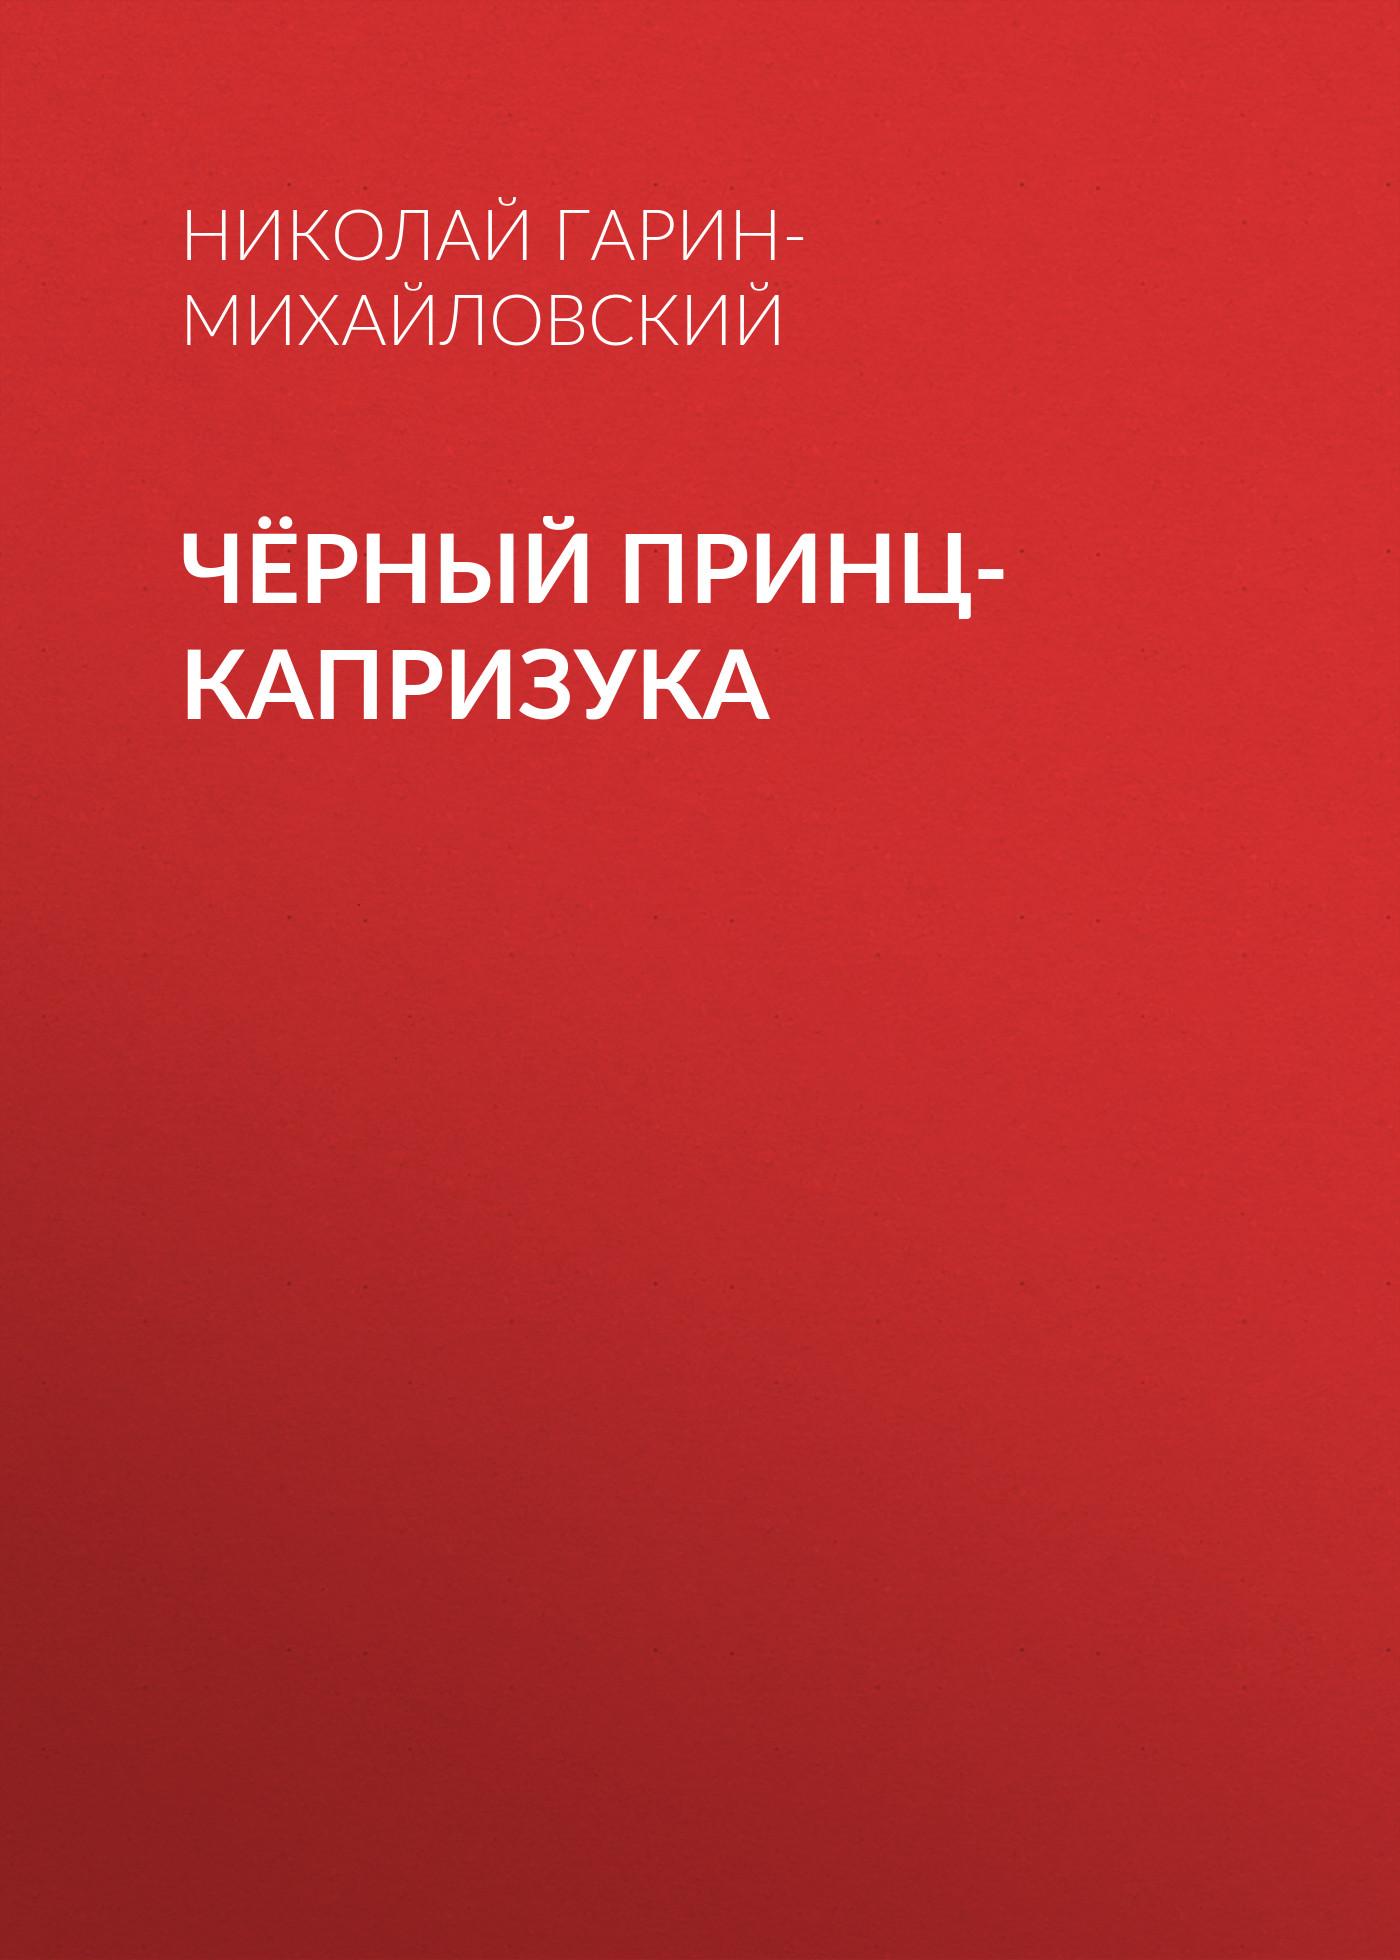 Николай Гарин-Михайловский Чёрный принц-капризука роббинс т я не буду притворяться